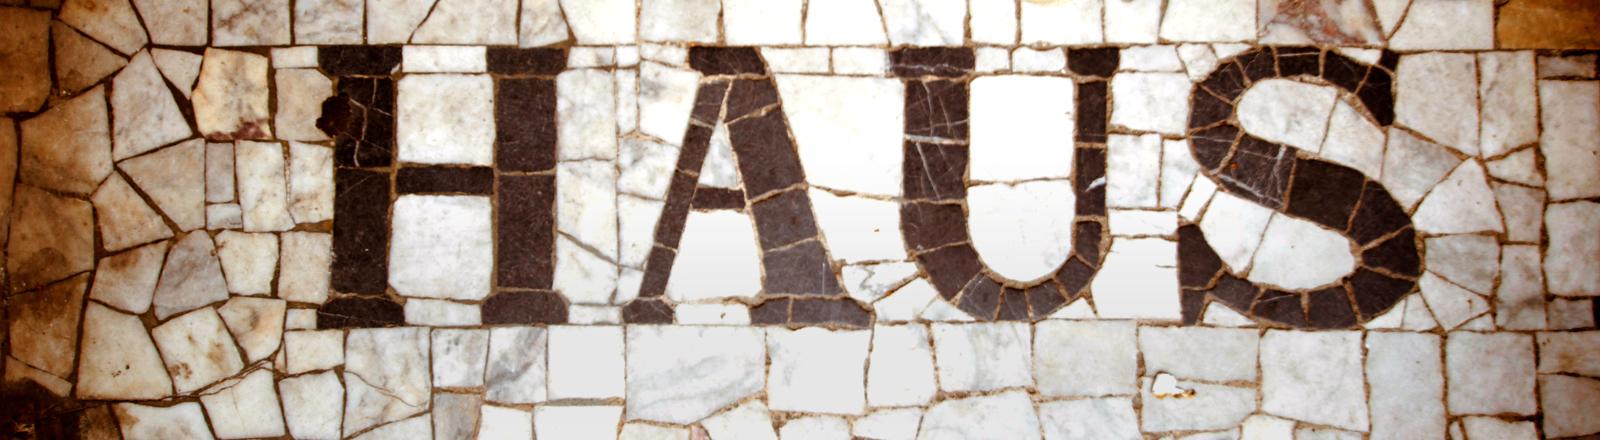 Ein Steinmosaik auf dem Haus steht